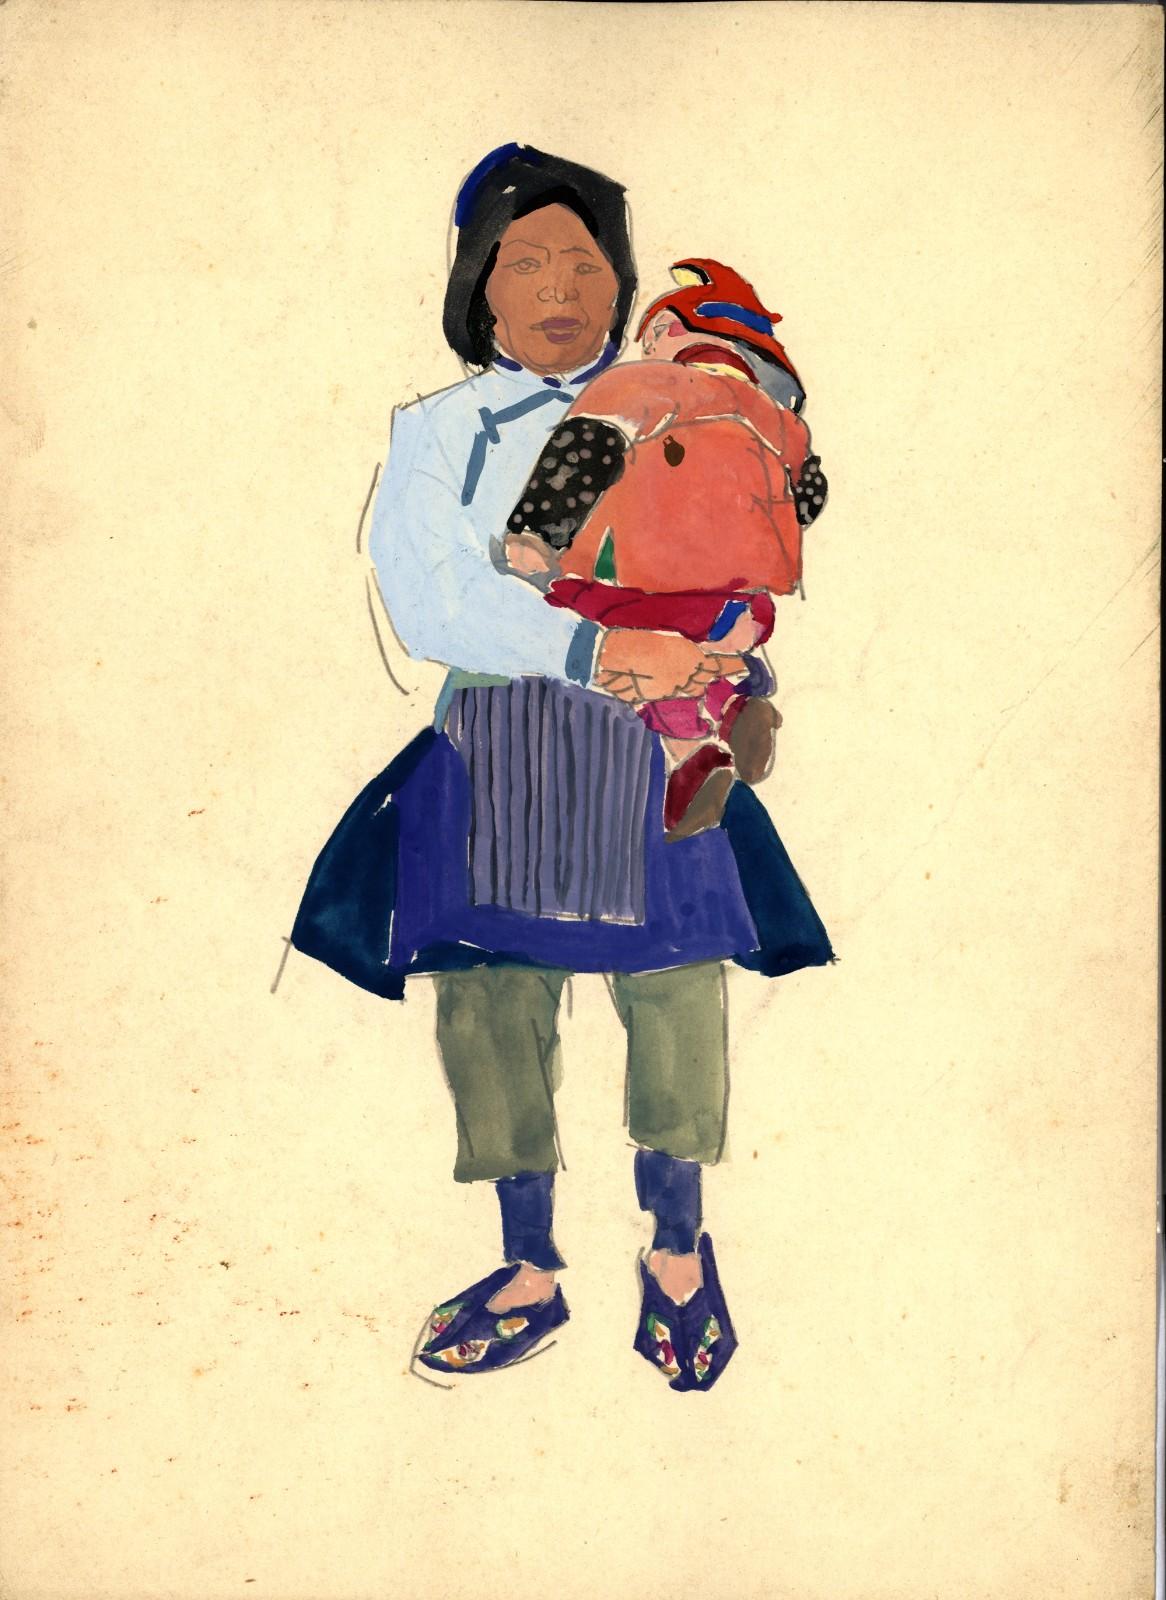 20《水乡的记忆》创 作素材之 1 袁运生 26.4×19cm 1962 纸本水彩 2021年艺术家捐赠中央美术学院美术馆.jpg